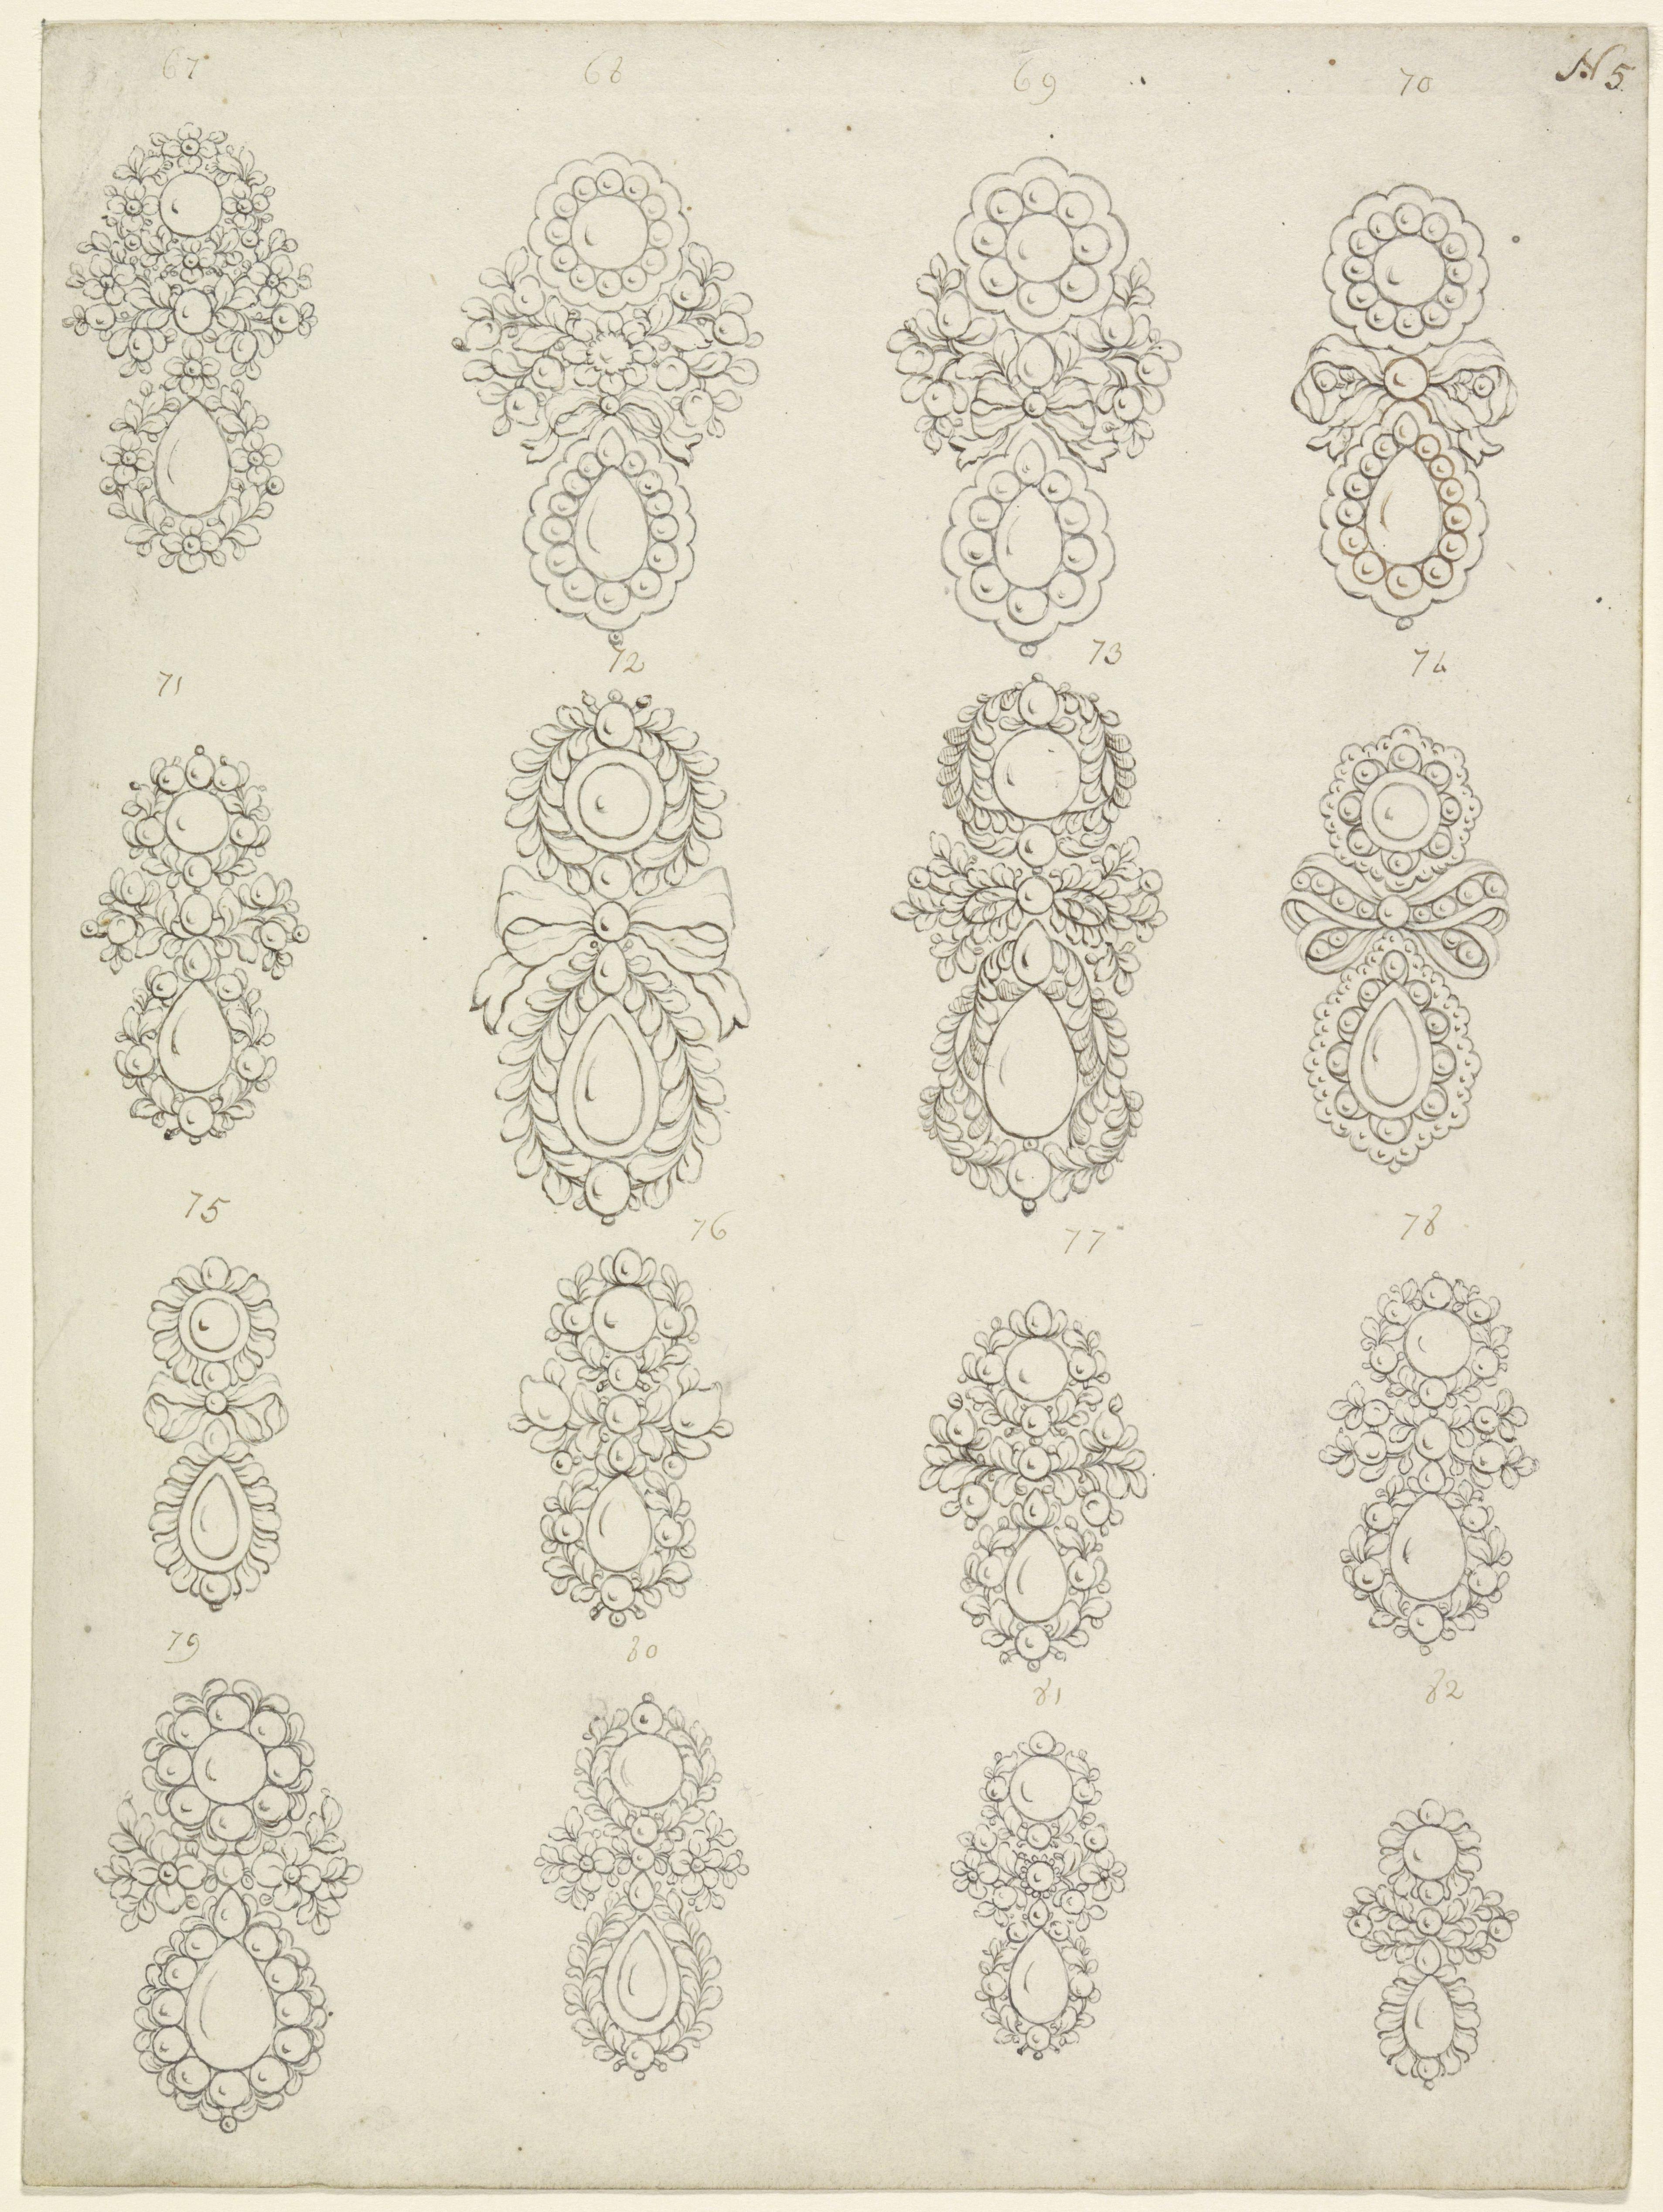 Tekening met 16 oorbelontwerpen, Collectie Rijksmuseum, RP-T-1965-3, publiek domein (CC0 1.0)